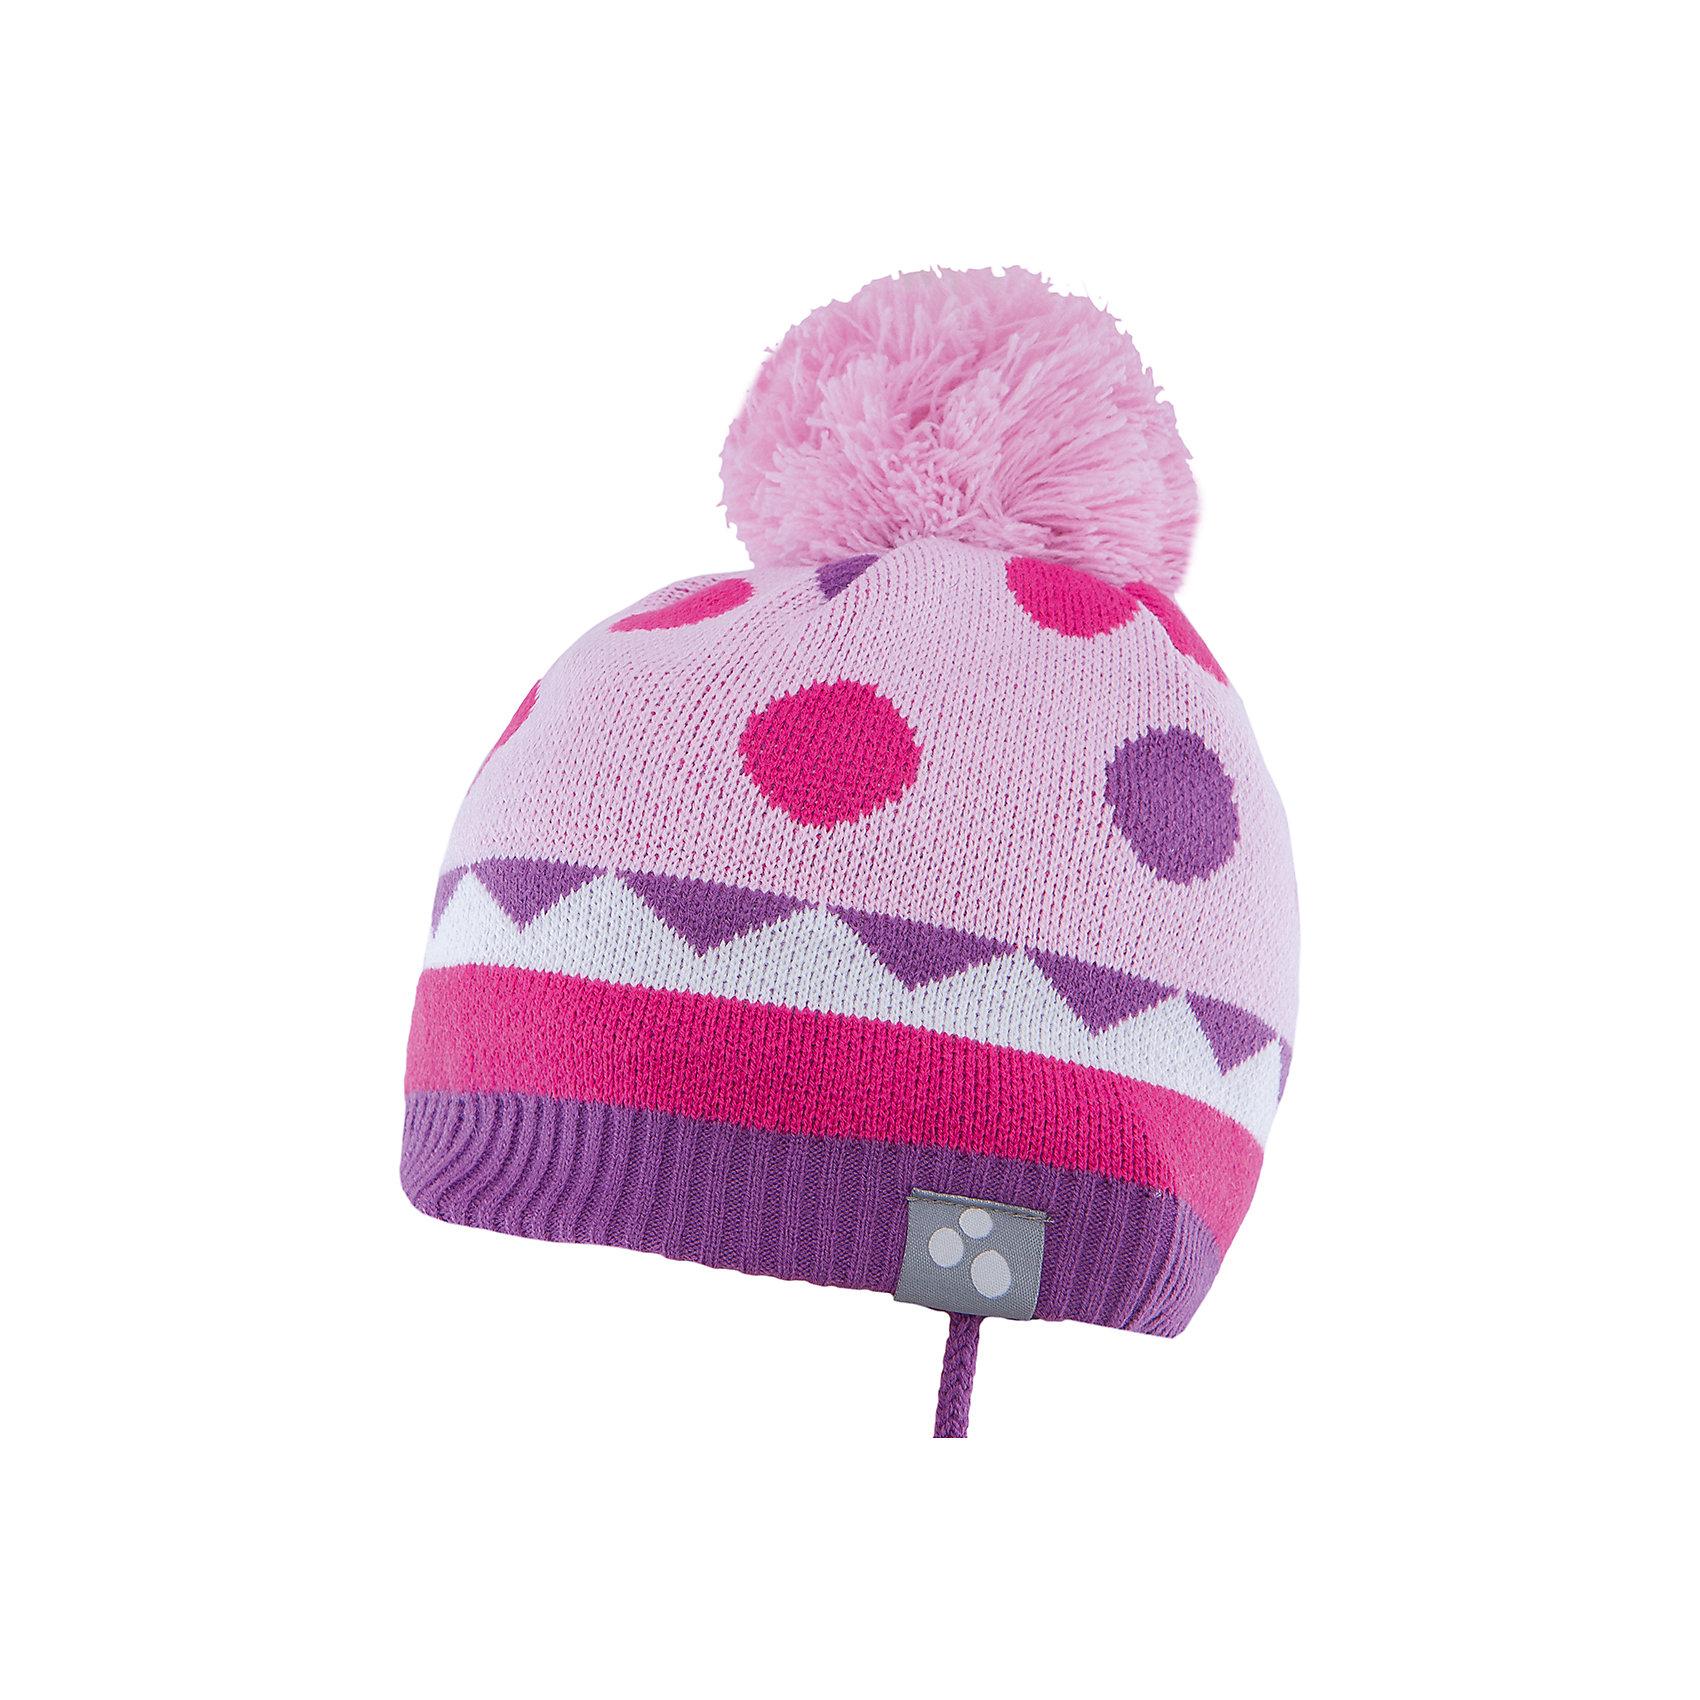 Шапка  HuppaВязаная шапка PEETA Huppa(Хуппа) плотно прилегает к голове и хорошо защищает от морозов и ветра. Подкладка из хлопка не вызовет раздражения на коже. Шапочка украшена помпоном и геометрическим орнаментом. Есть светоотражающие элементы. В такой шапке гулять будет тепло и комфортно!<br><br>Дополнительная информация:<br>Материал: 100% акрил<br>Подкладка: 100% хлопок<br>Цвет: розовый/лиловый<br><br>Вы можете приобрести шапку PEETA Huppa(Хуппа) в нашем интернет-магазине.<br><br>Ширина мм: 89<br>Глубина мм: 117<br>Высота мм: 44<br>Вес г: 155<br>Цвет: розовый<br>Возраст от месяцев: 36<br>Возраст до месяцев: 72<br>Пол: Женский<br>Возраст: Детский<br>Размер: 51-53,43-45,47-49<br>SKU: 4928926